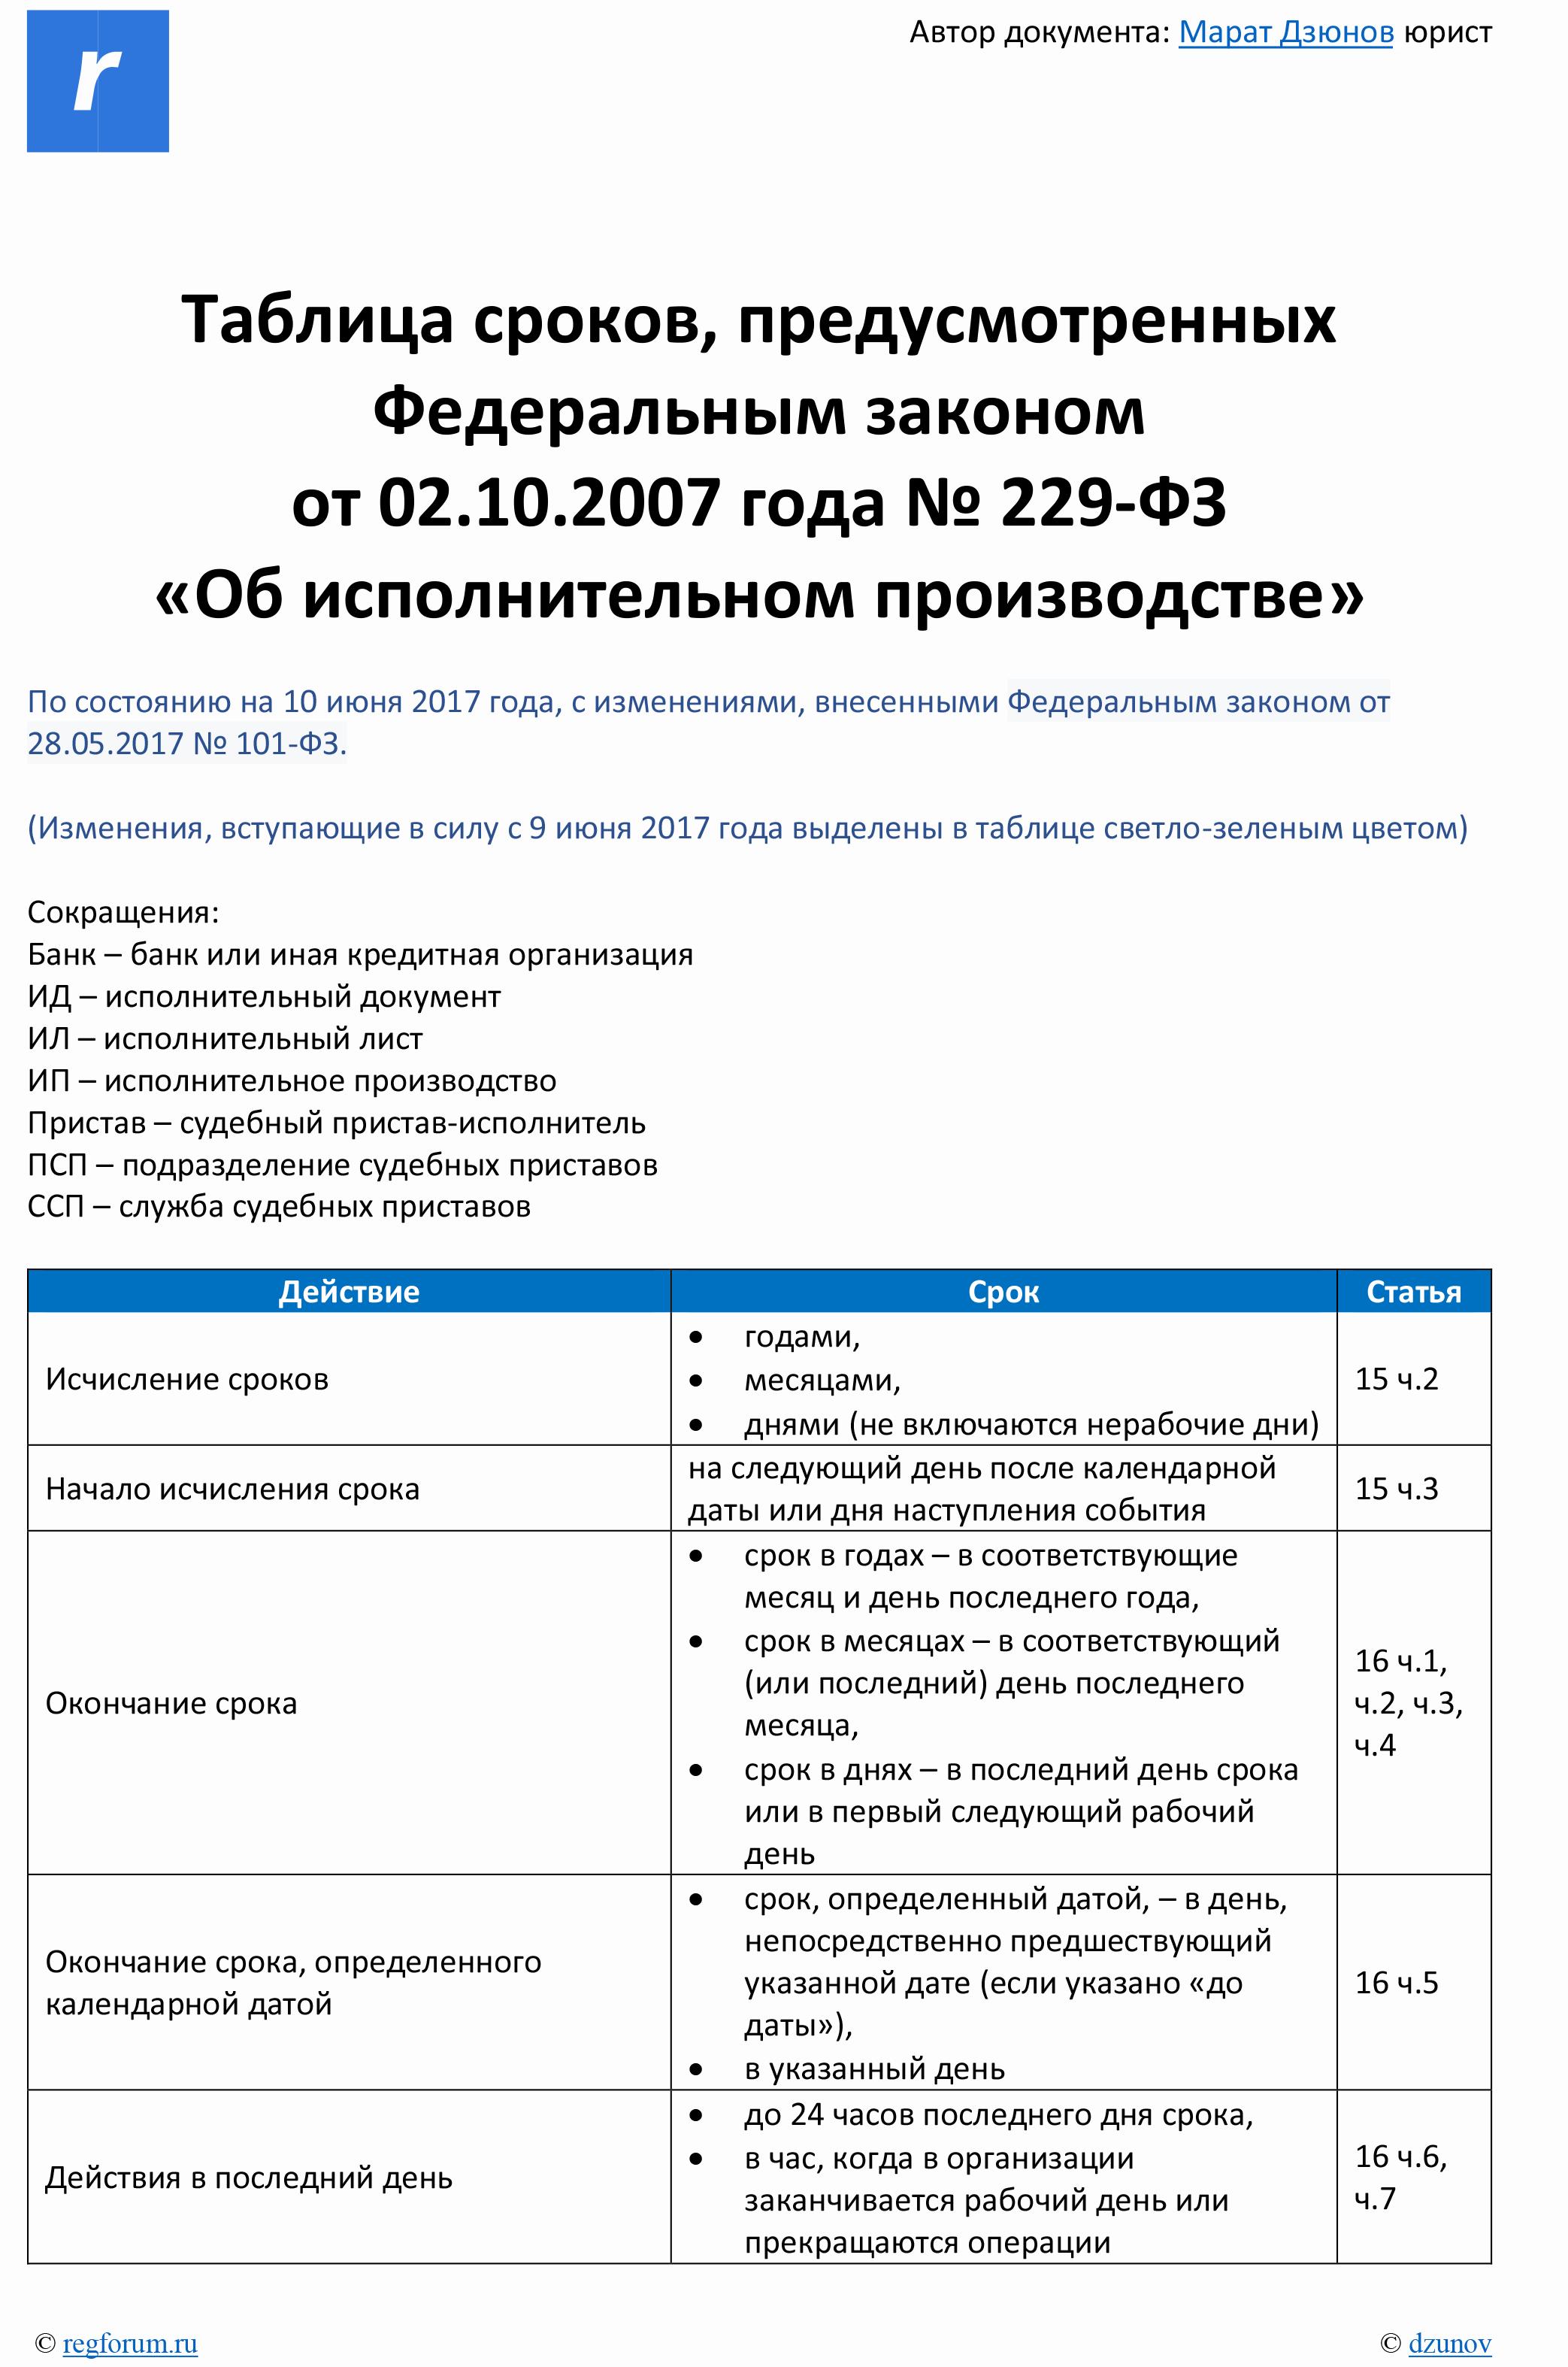 Устав вс рф скачать pdf